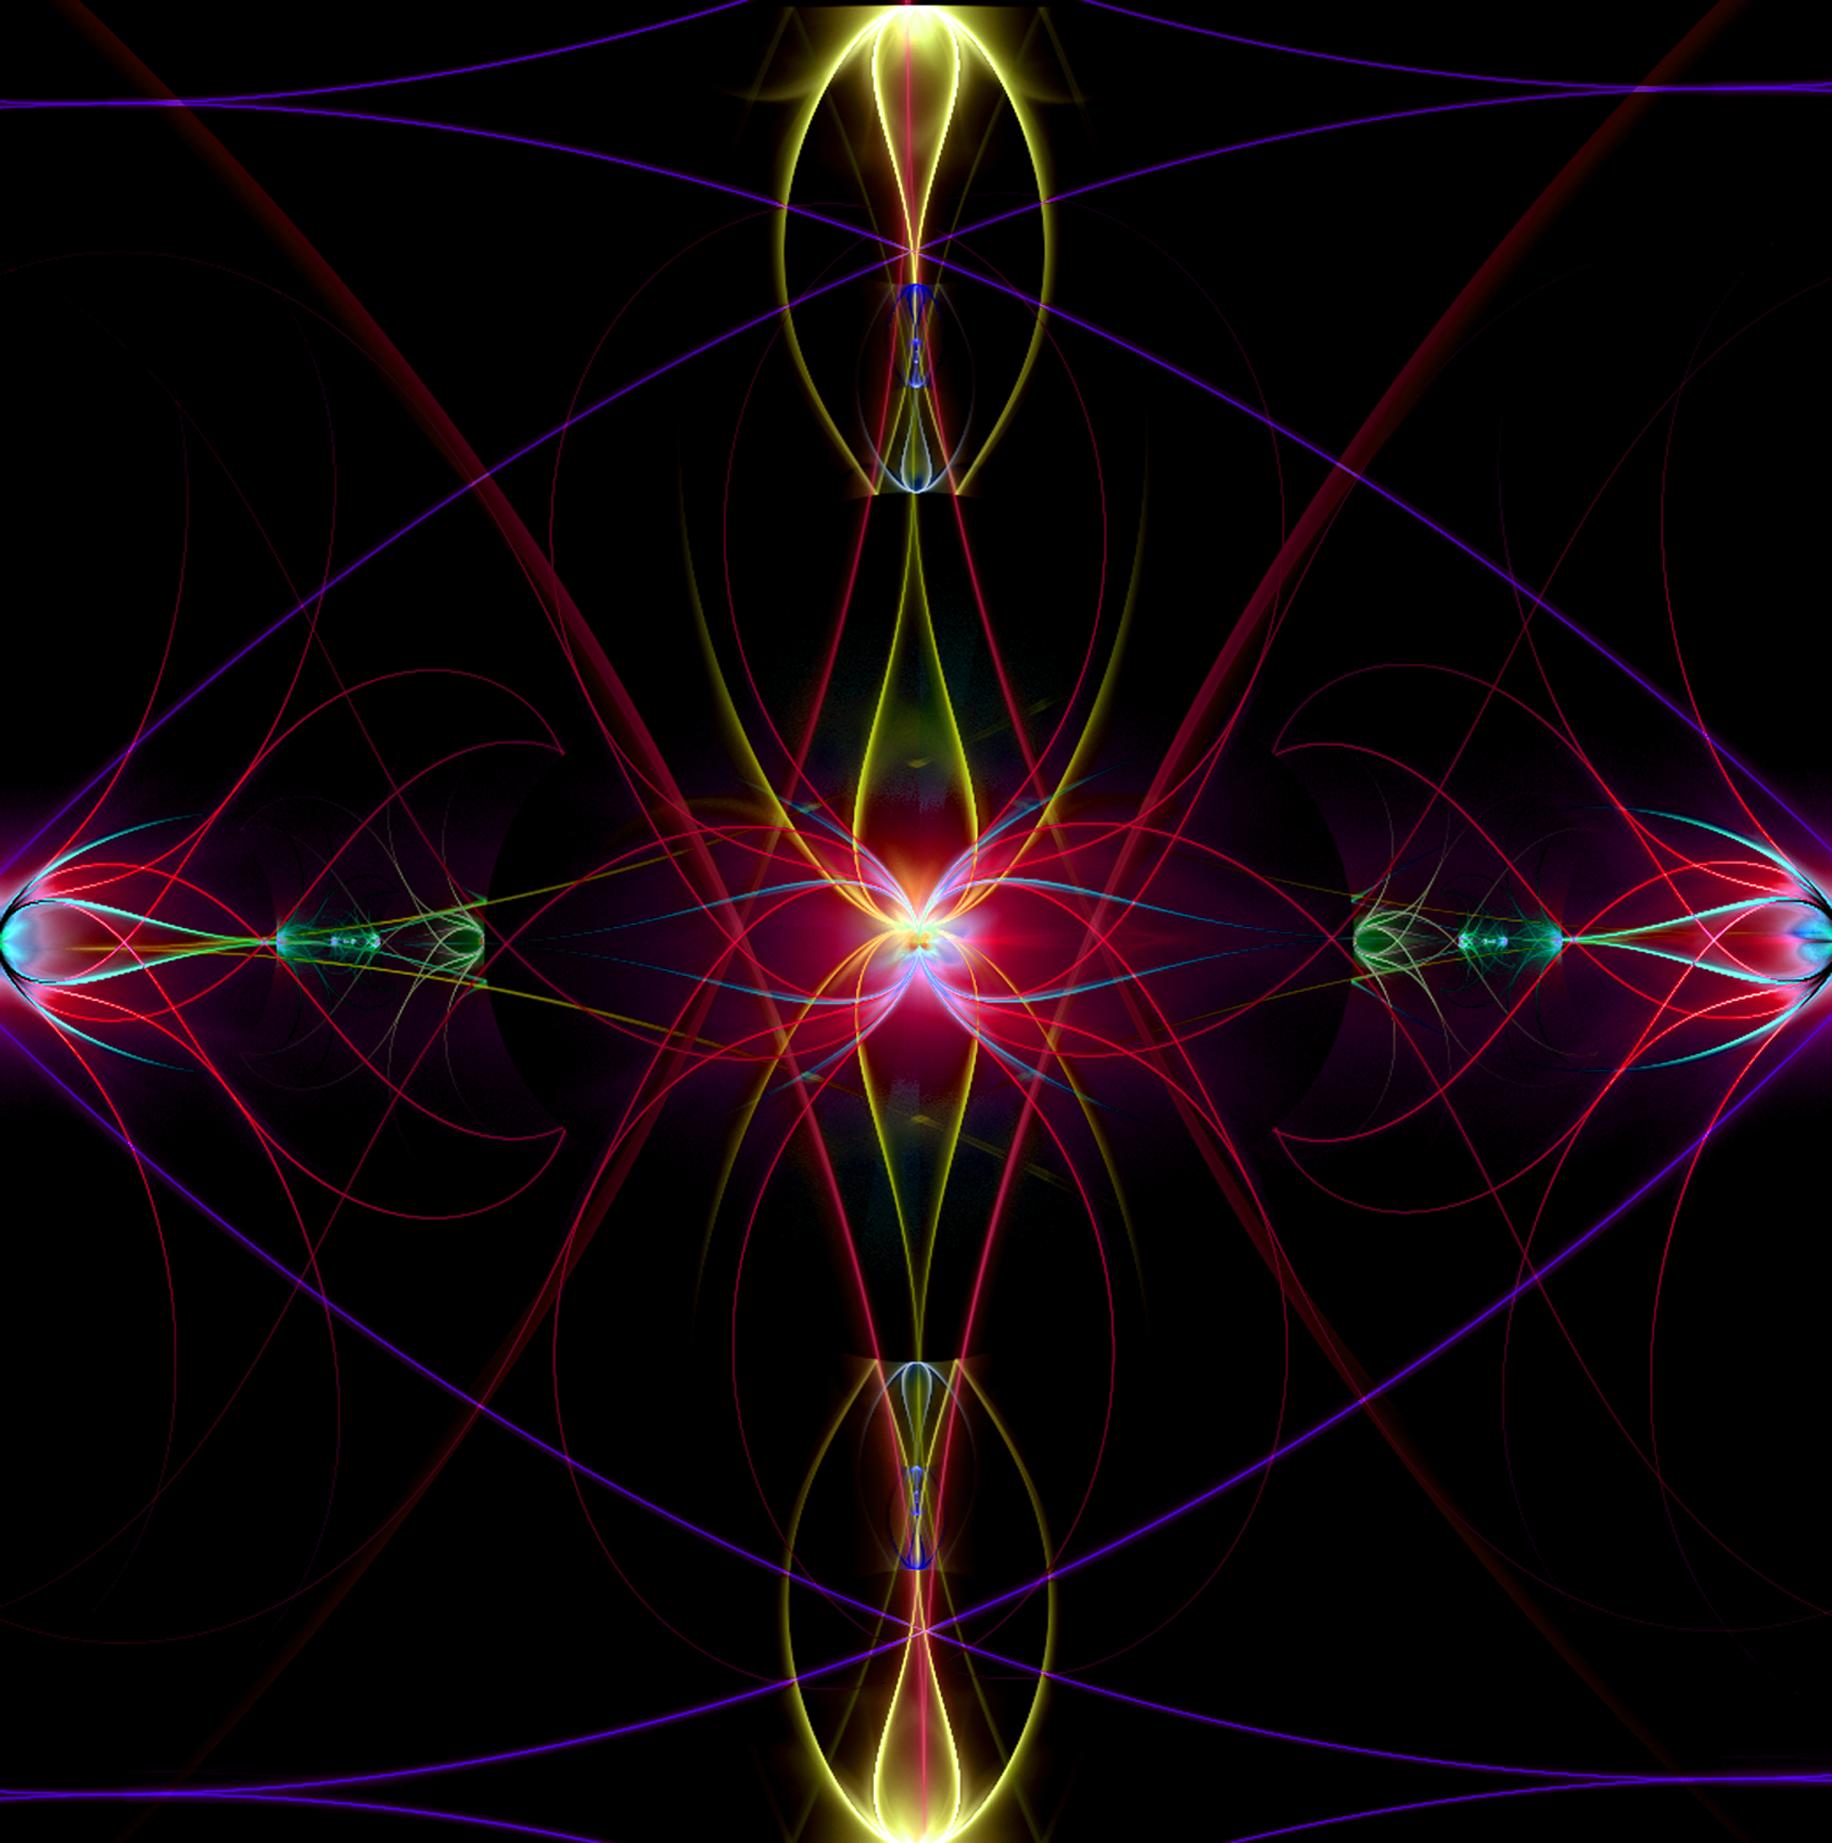 Infinity 5 by Fractamonium